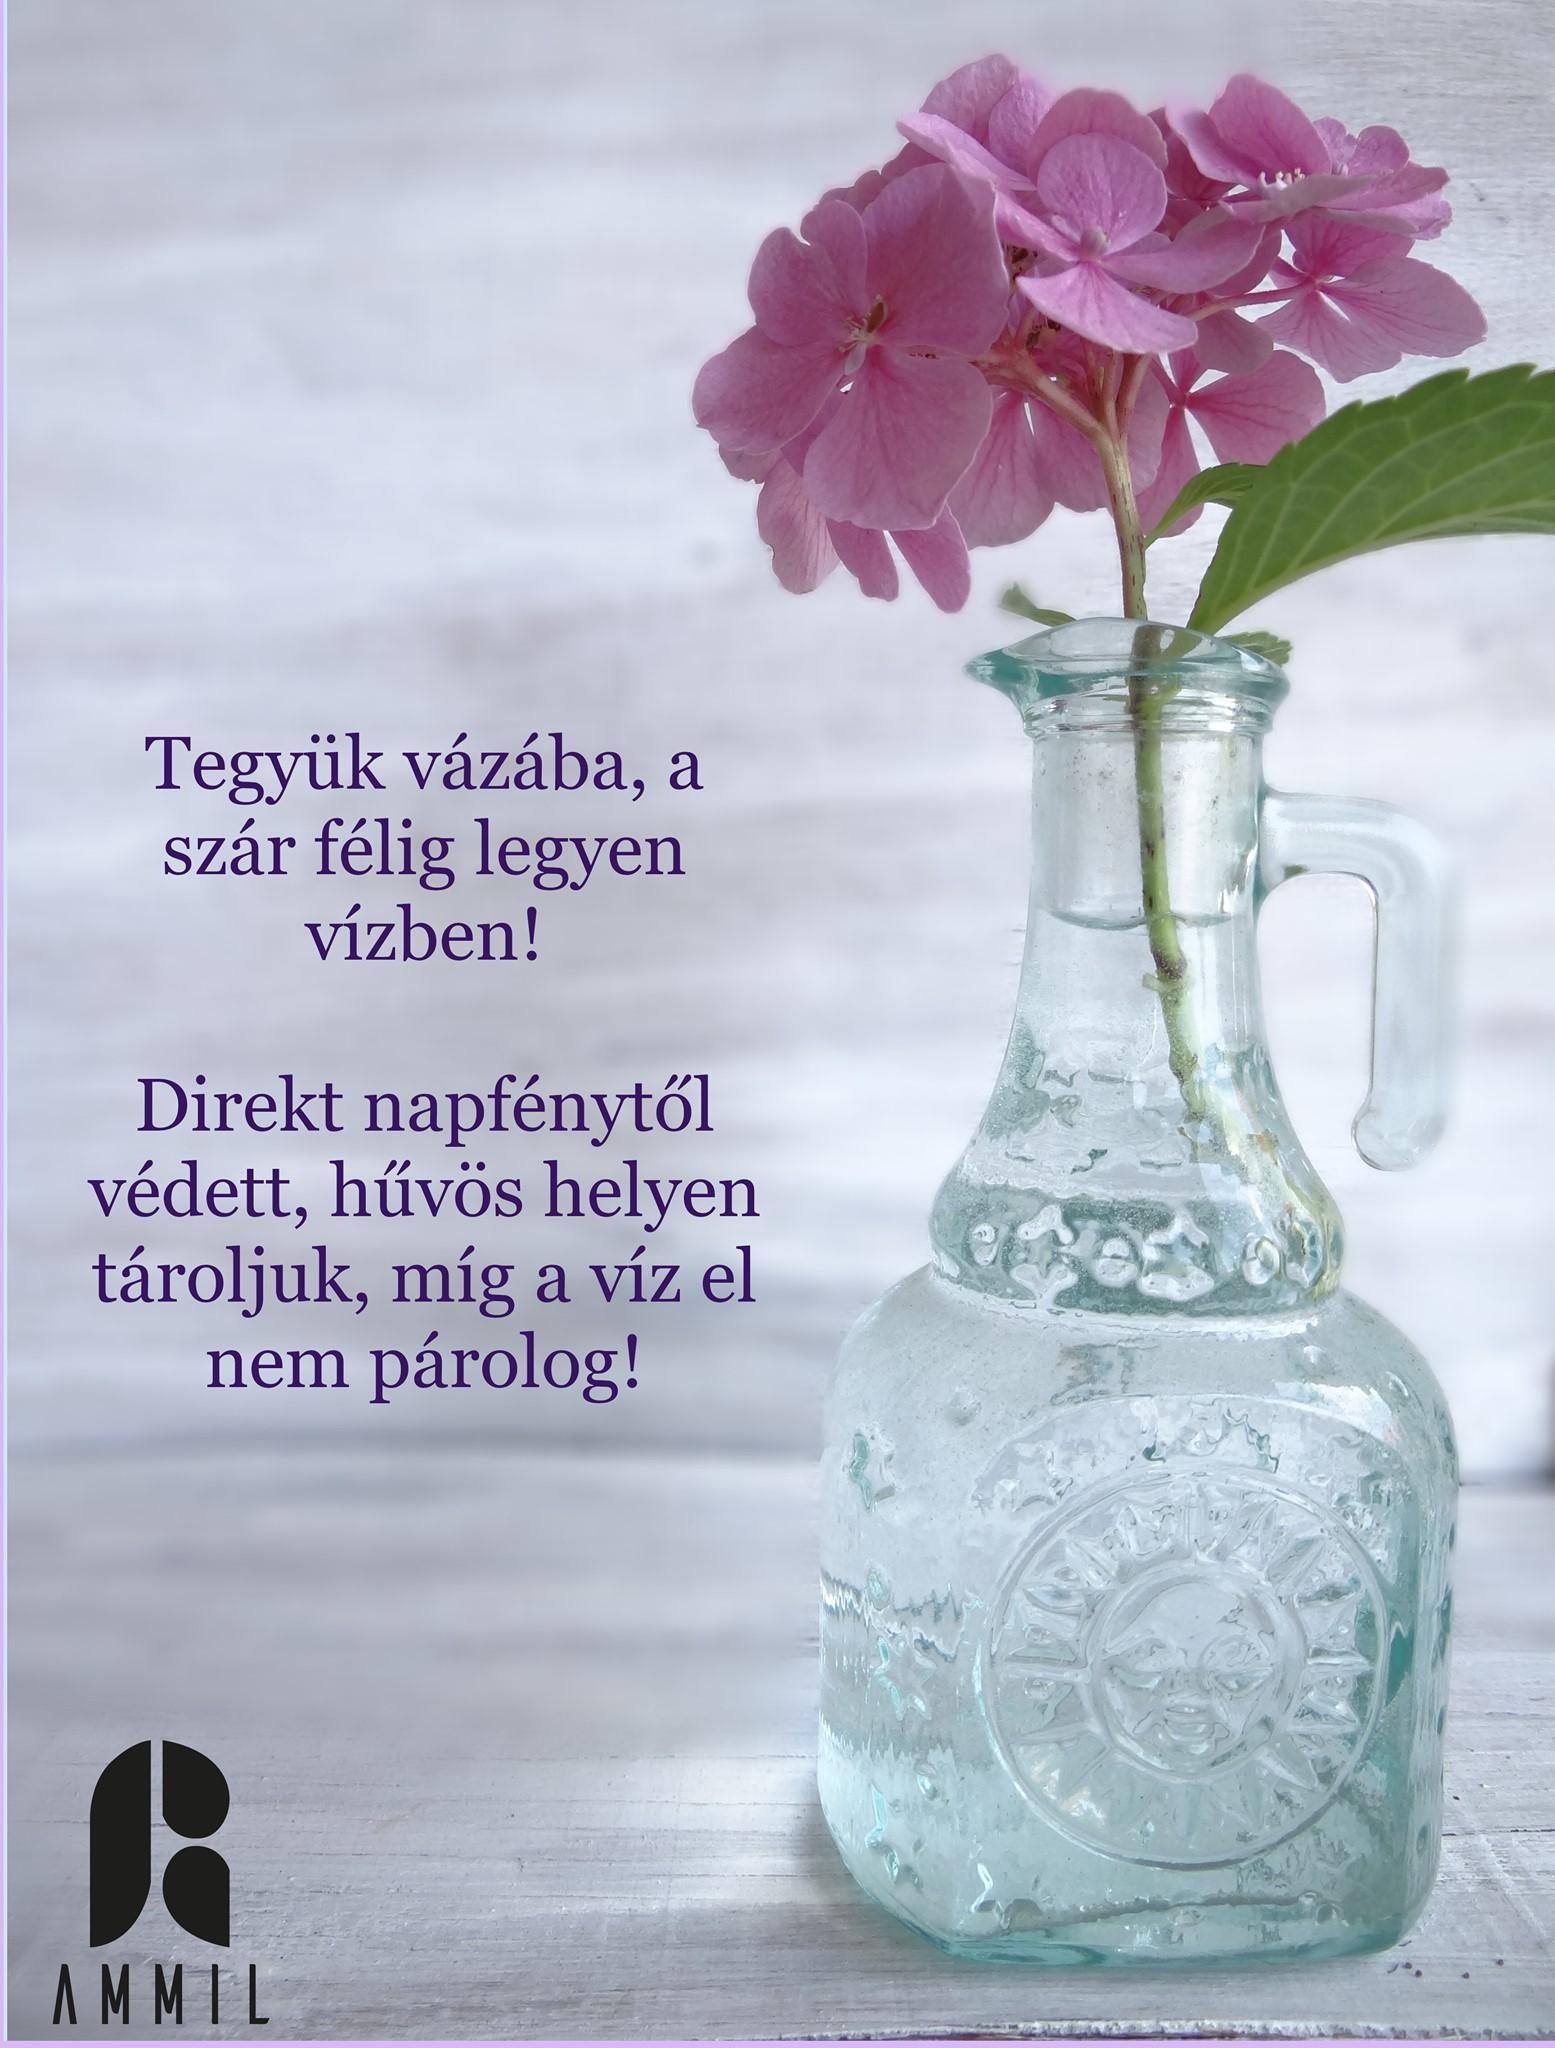 Tegyük vázába a virágot, melynek szára féligbeleér a vízbe!